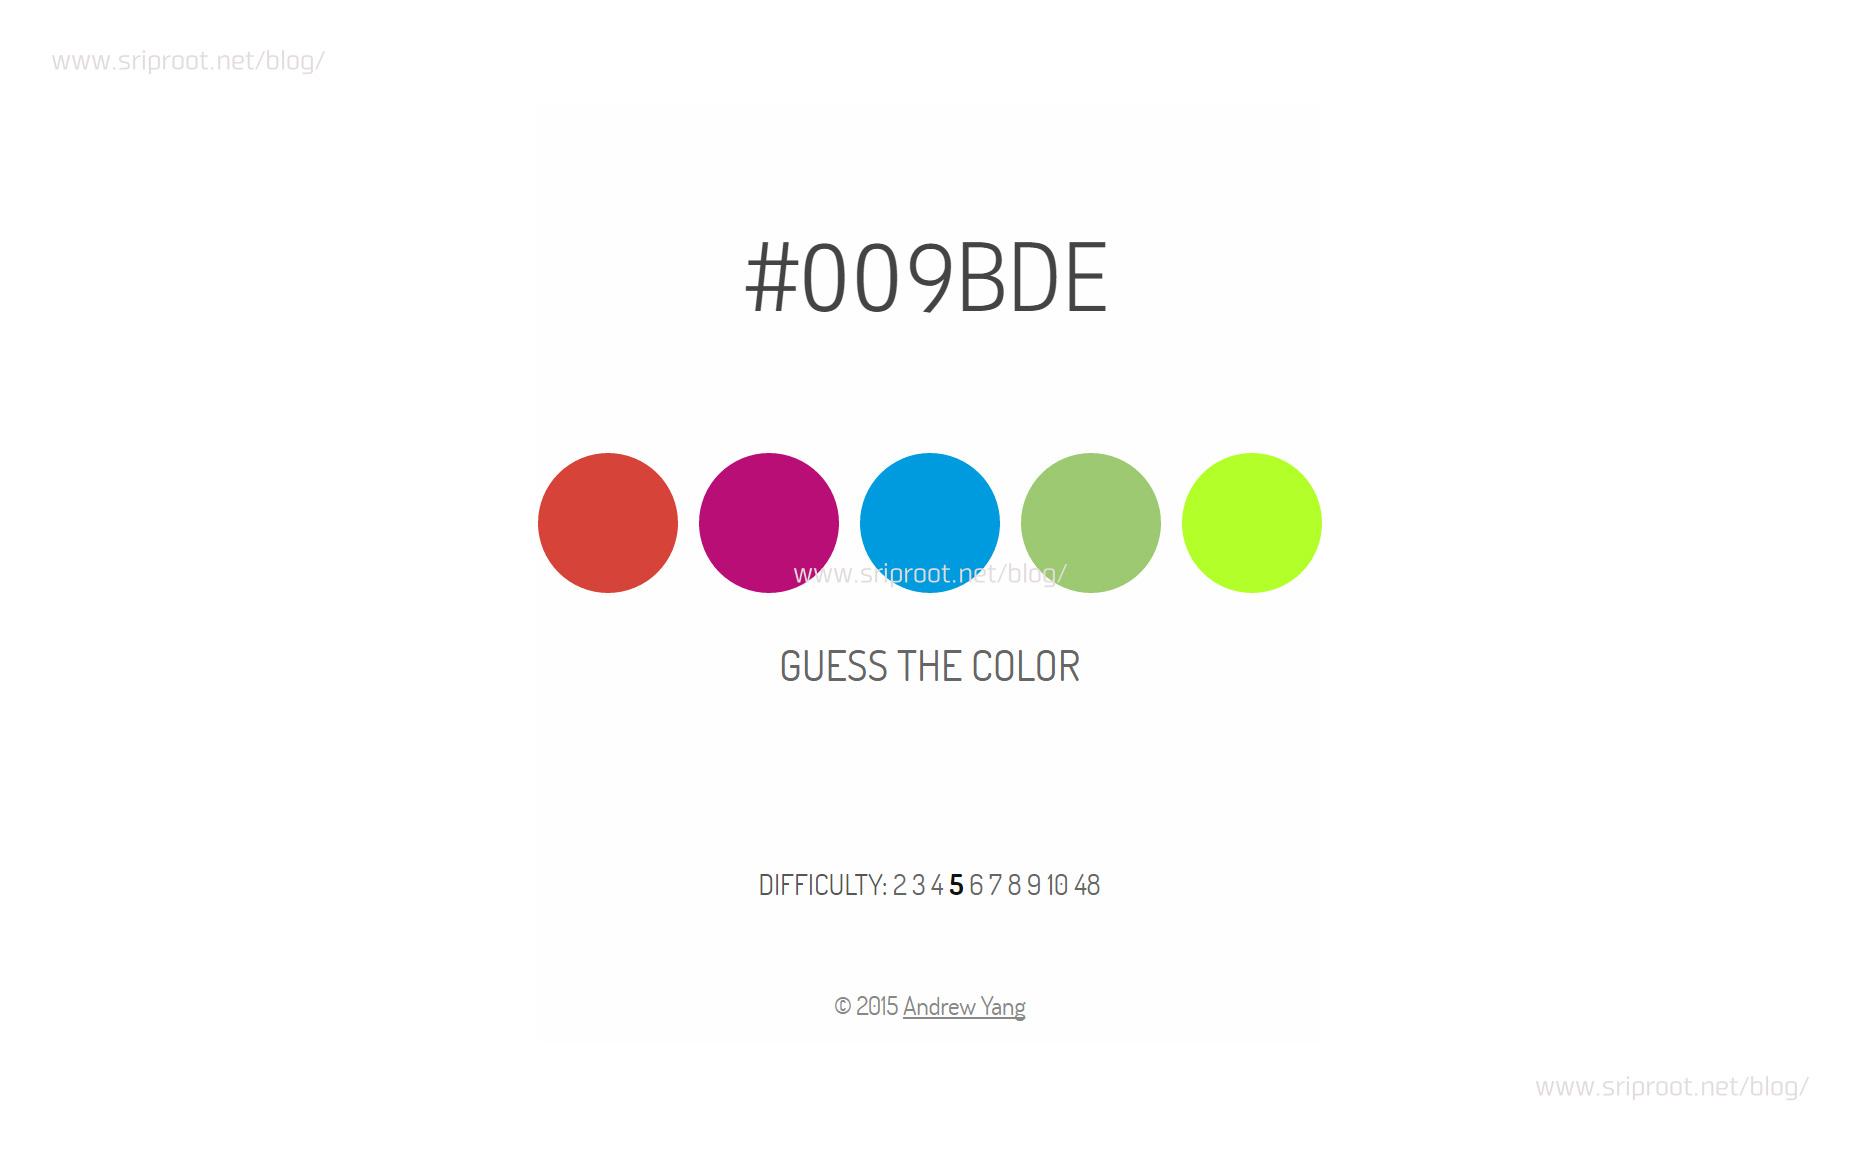 Webデザイナーなら完璧?16進数カラーコードをイメージできる?